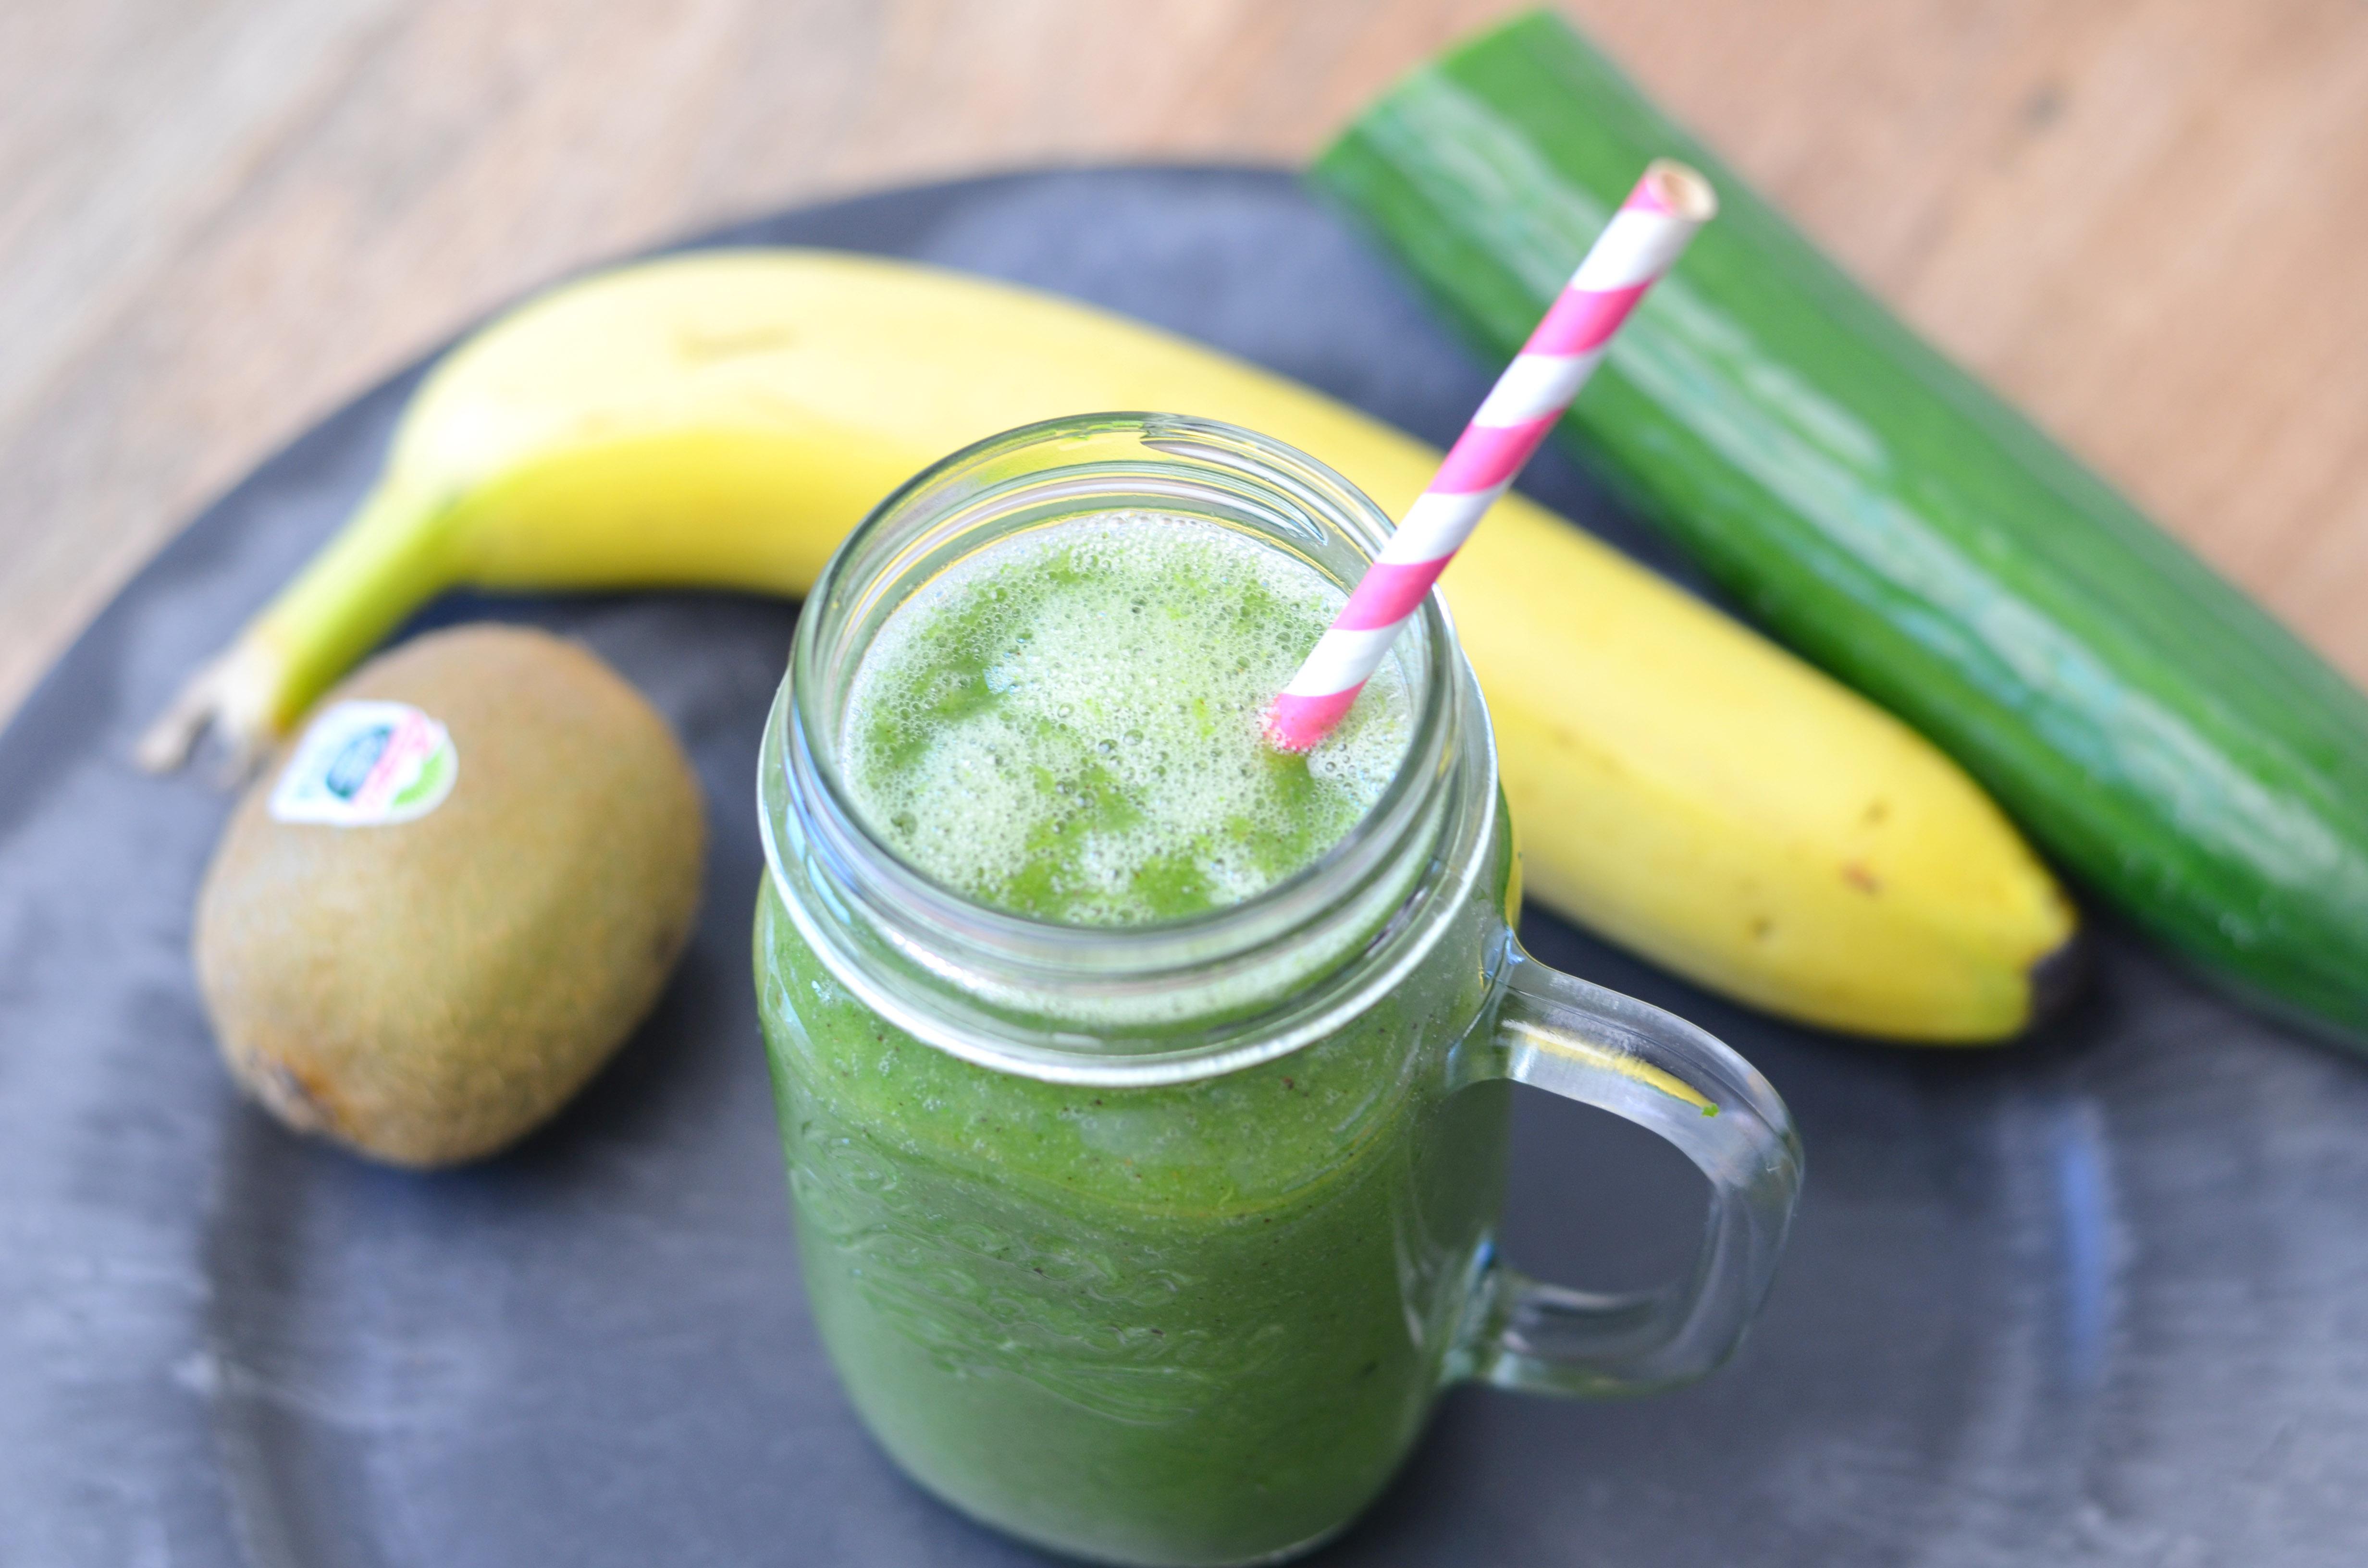 groene smoothie boerenkool en banaan